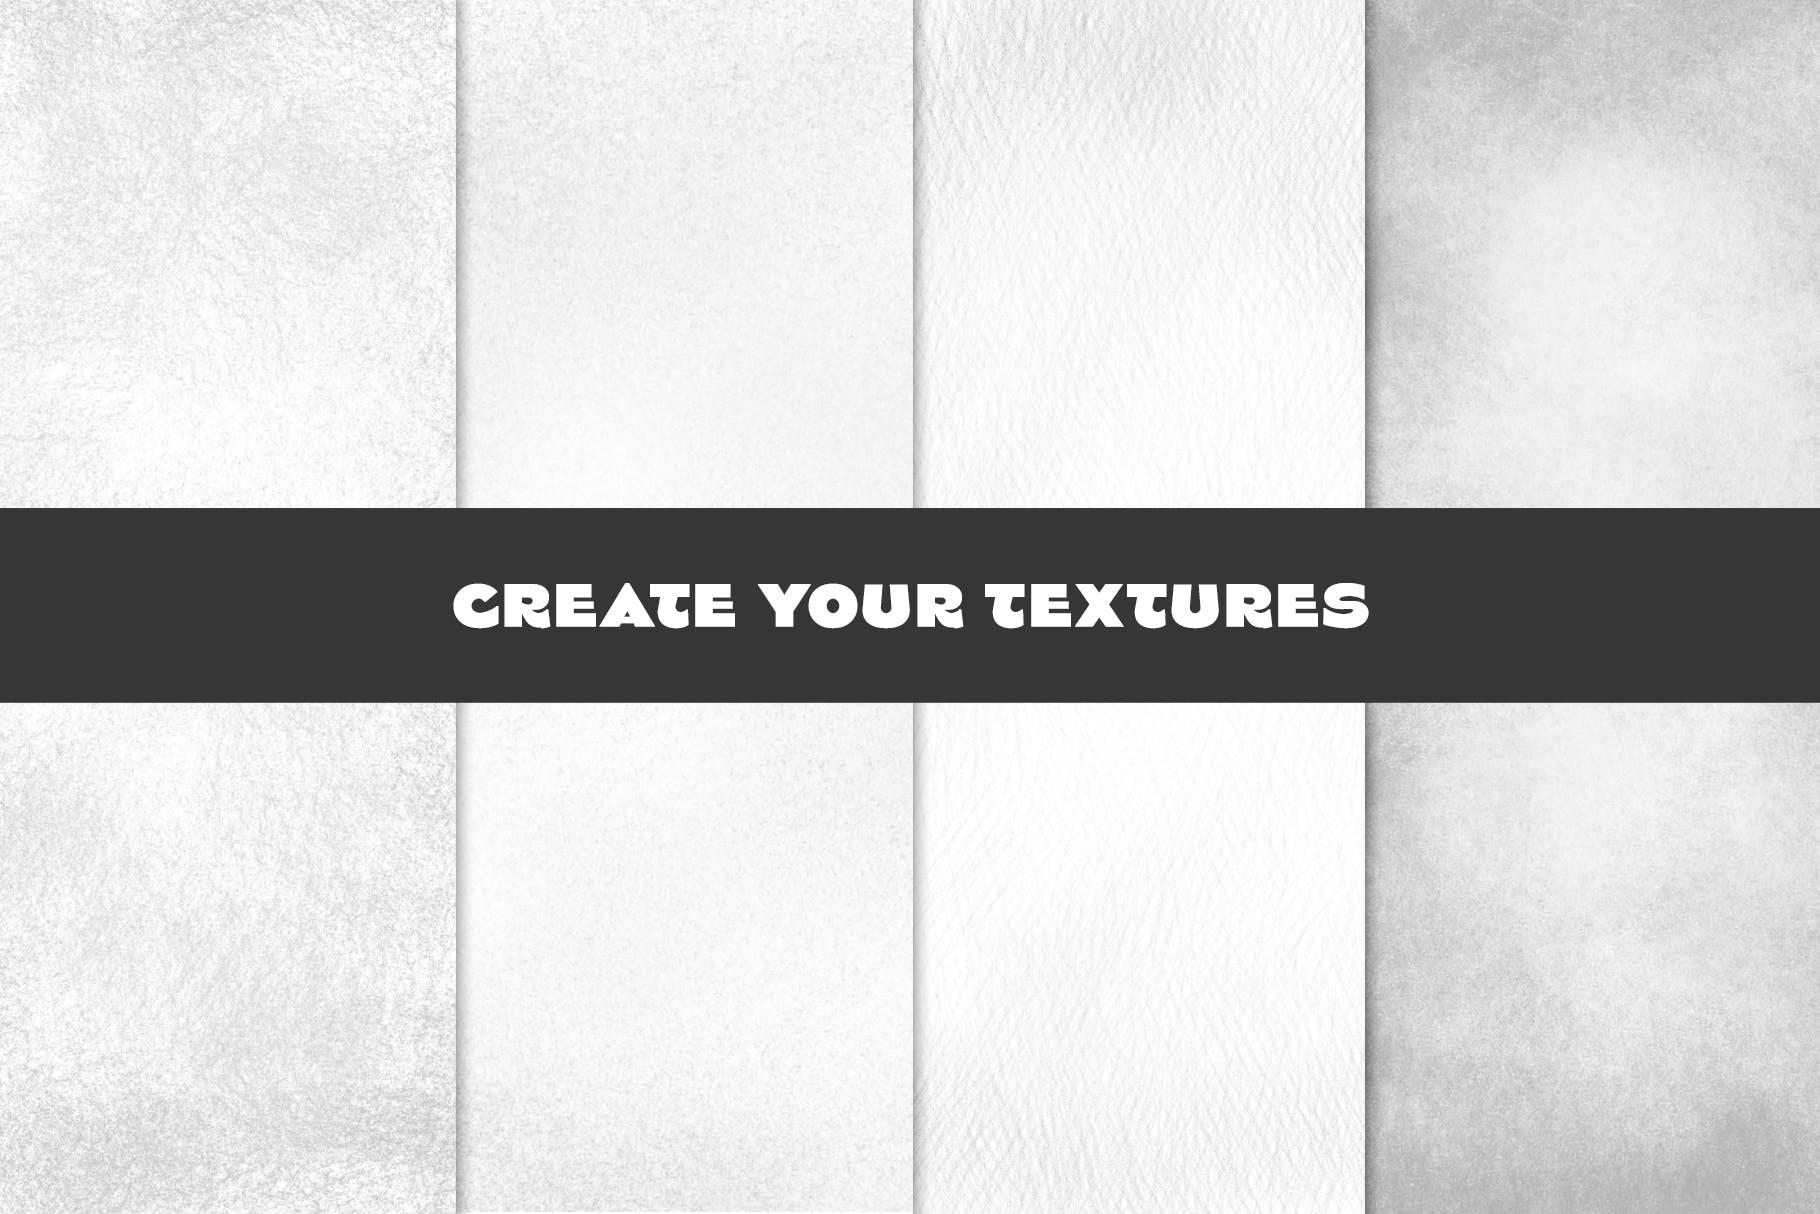 25款专业铅笔素描草图绘画PS笔刷素材套装 Pencil Photoshop Brushes插图(8)